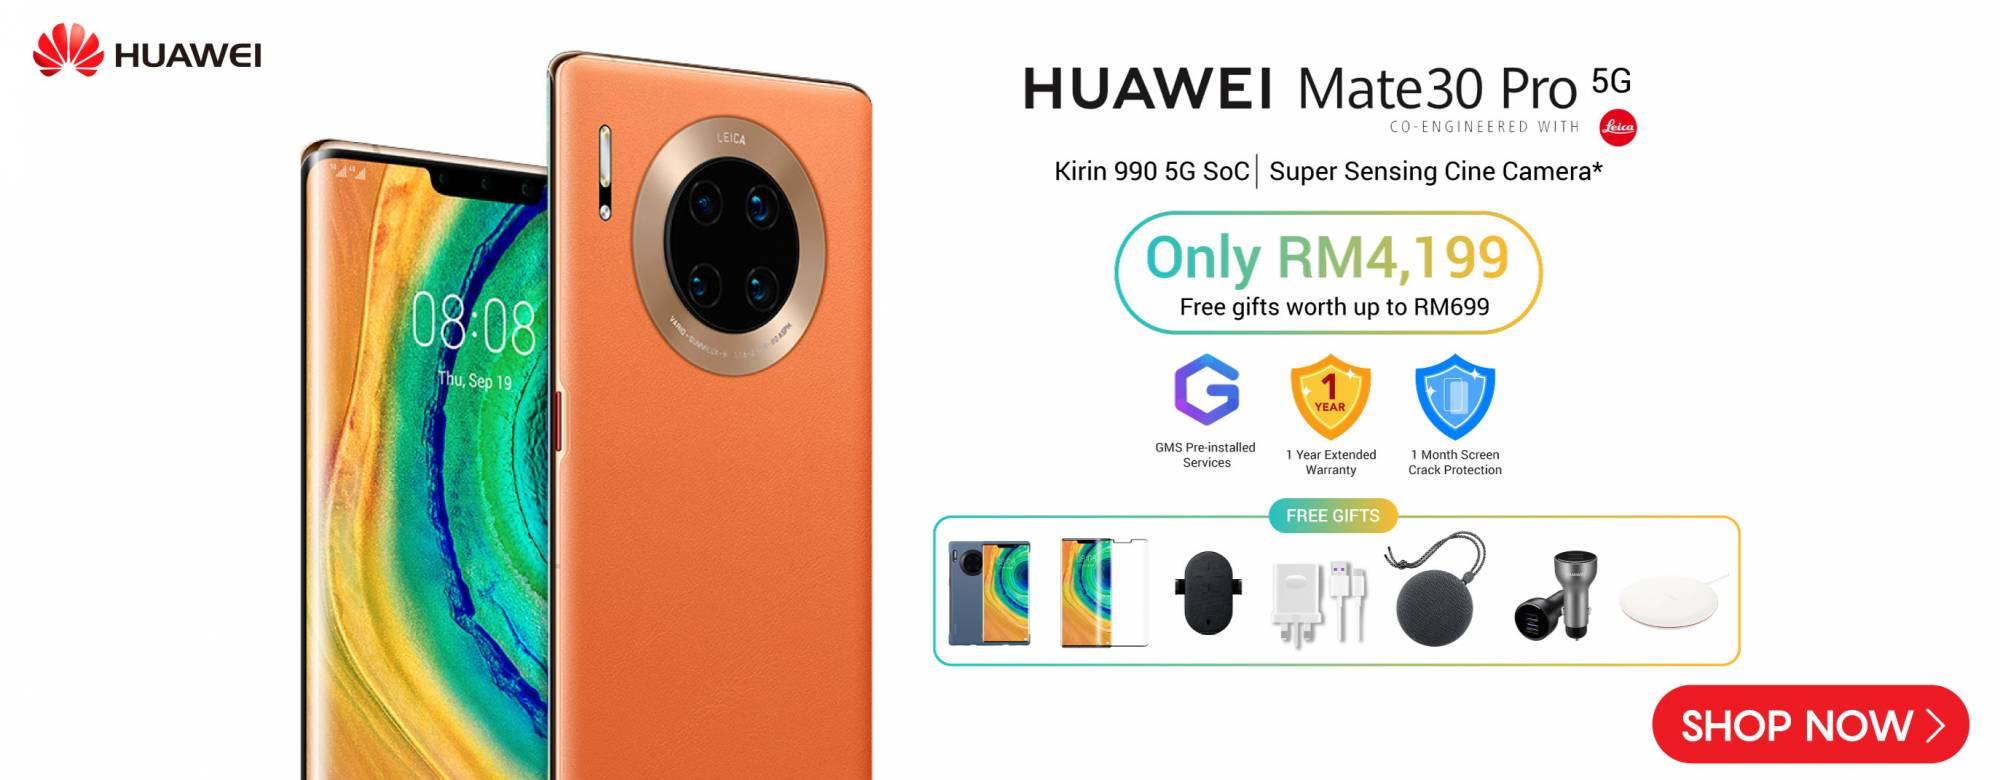 Mate 30 Pro 5G